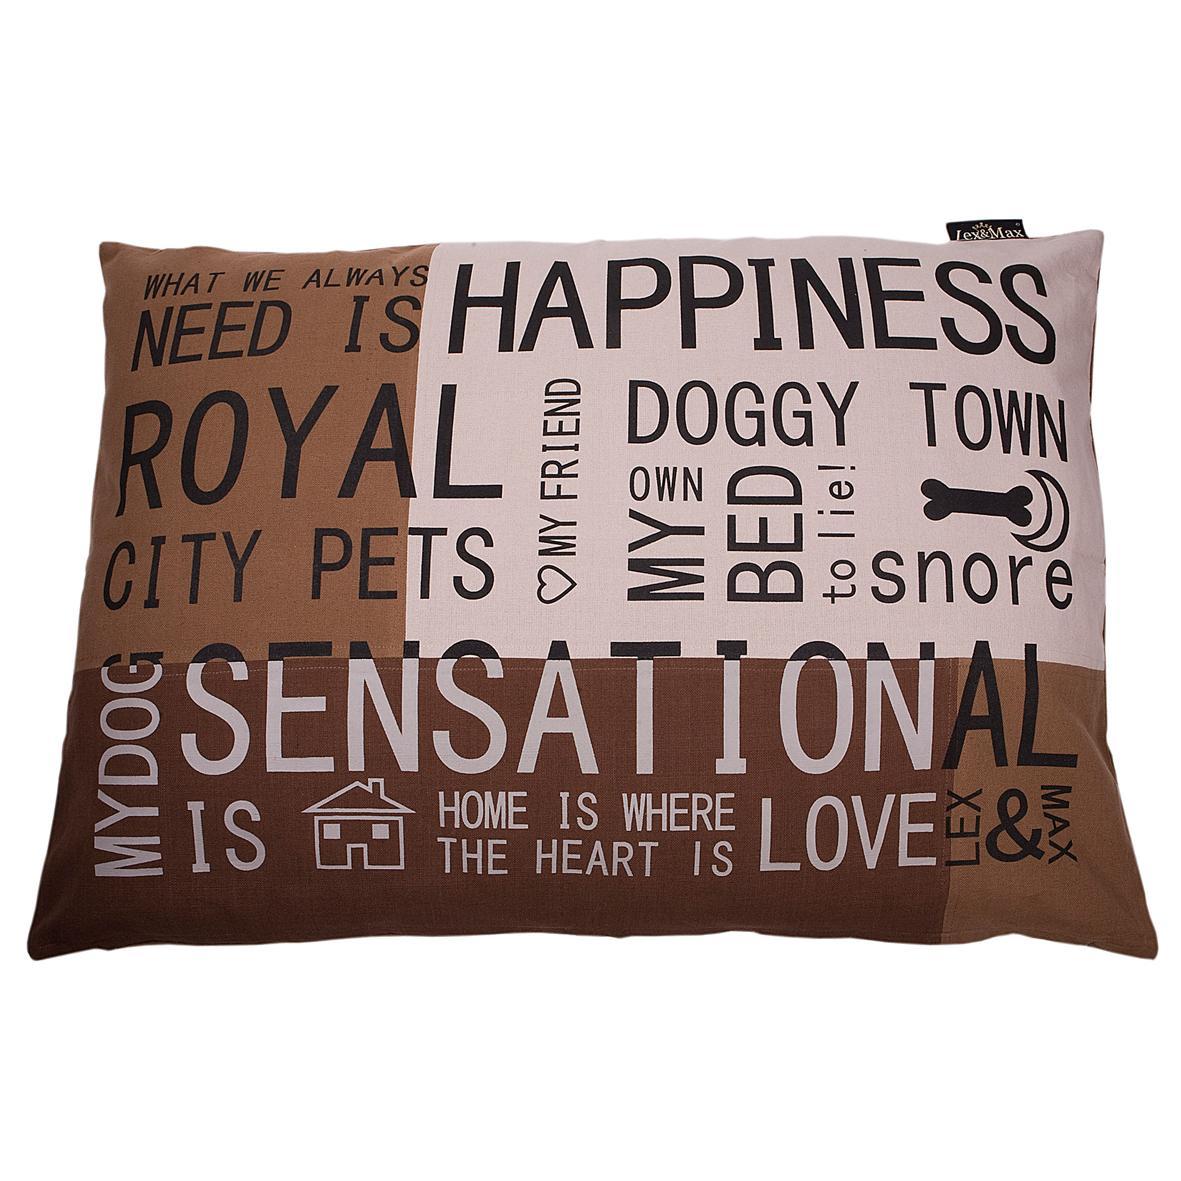 Colchon para perros HAPPINES